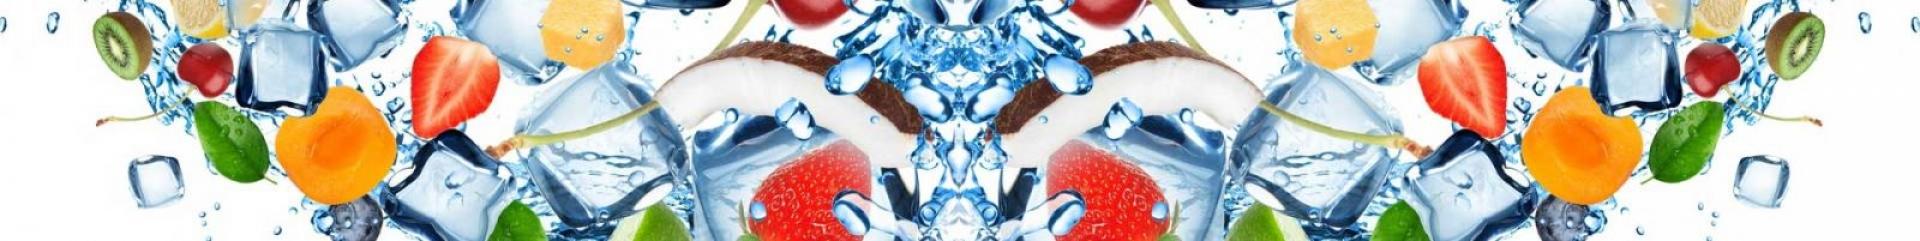 frozen fruit iqf